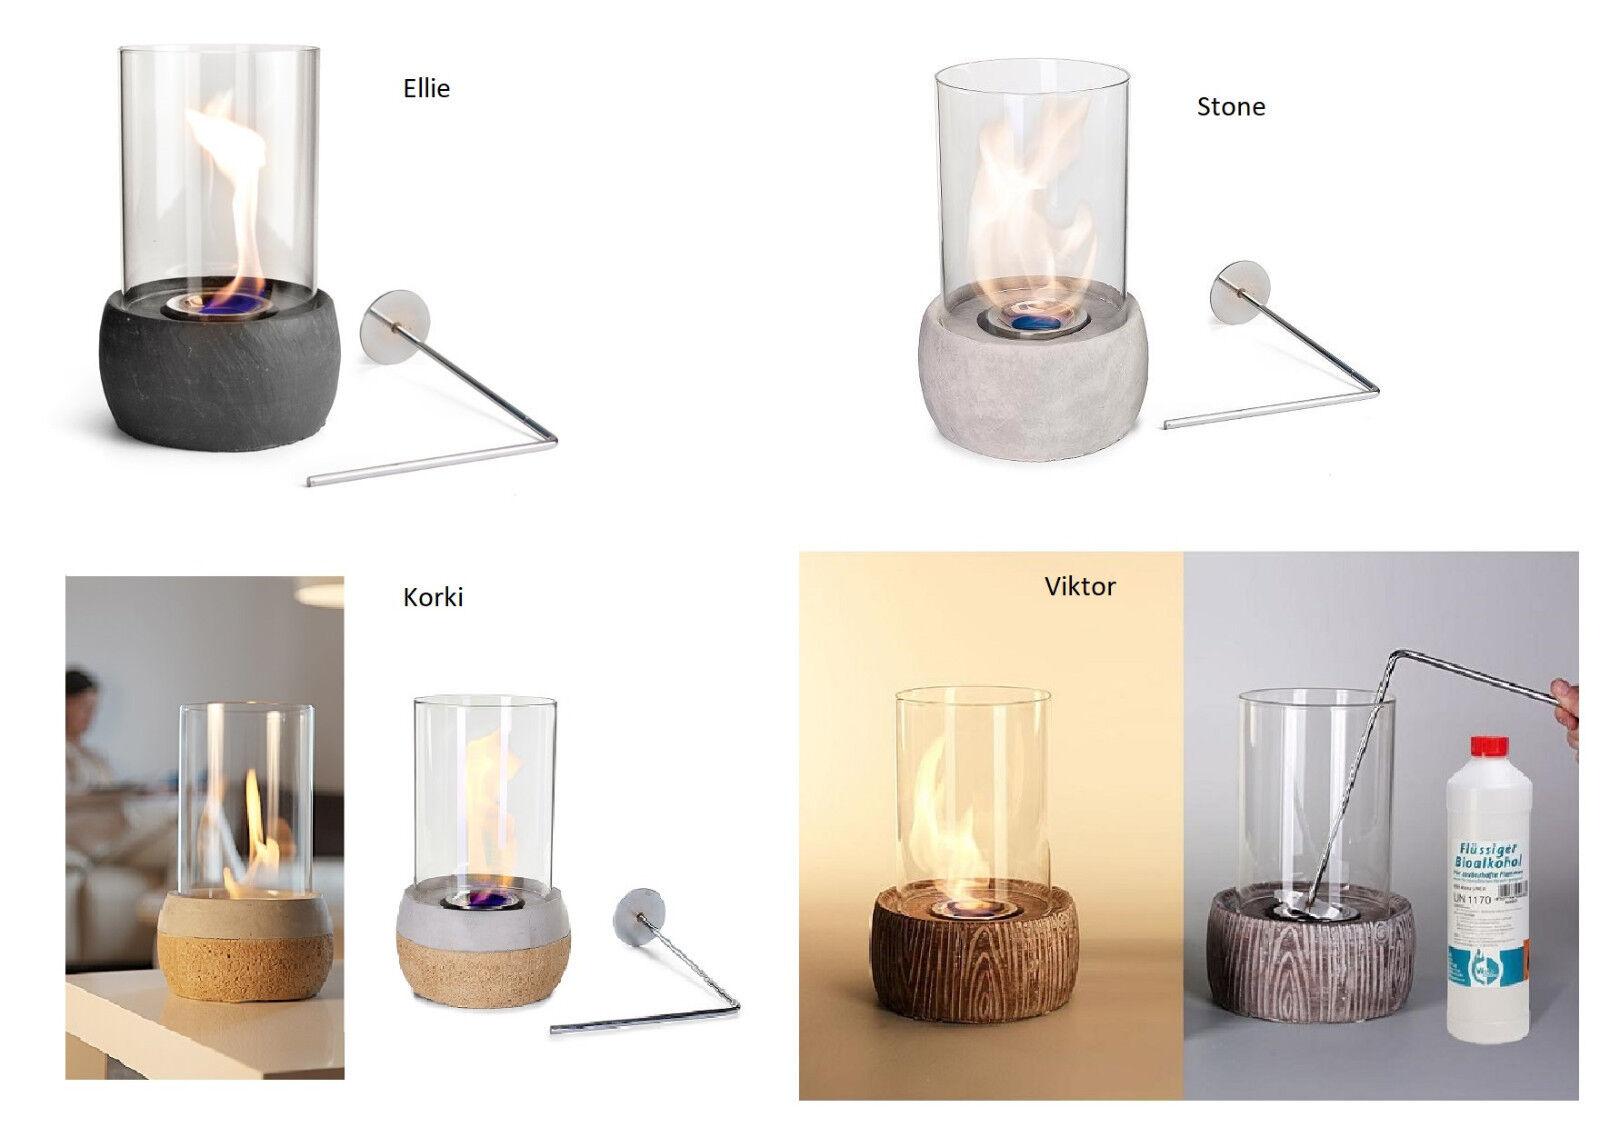 Auswahl 4 Modelle von Tischfeuer Tischkamin Feuerstelle Kamin Gelkamin